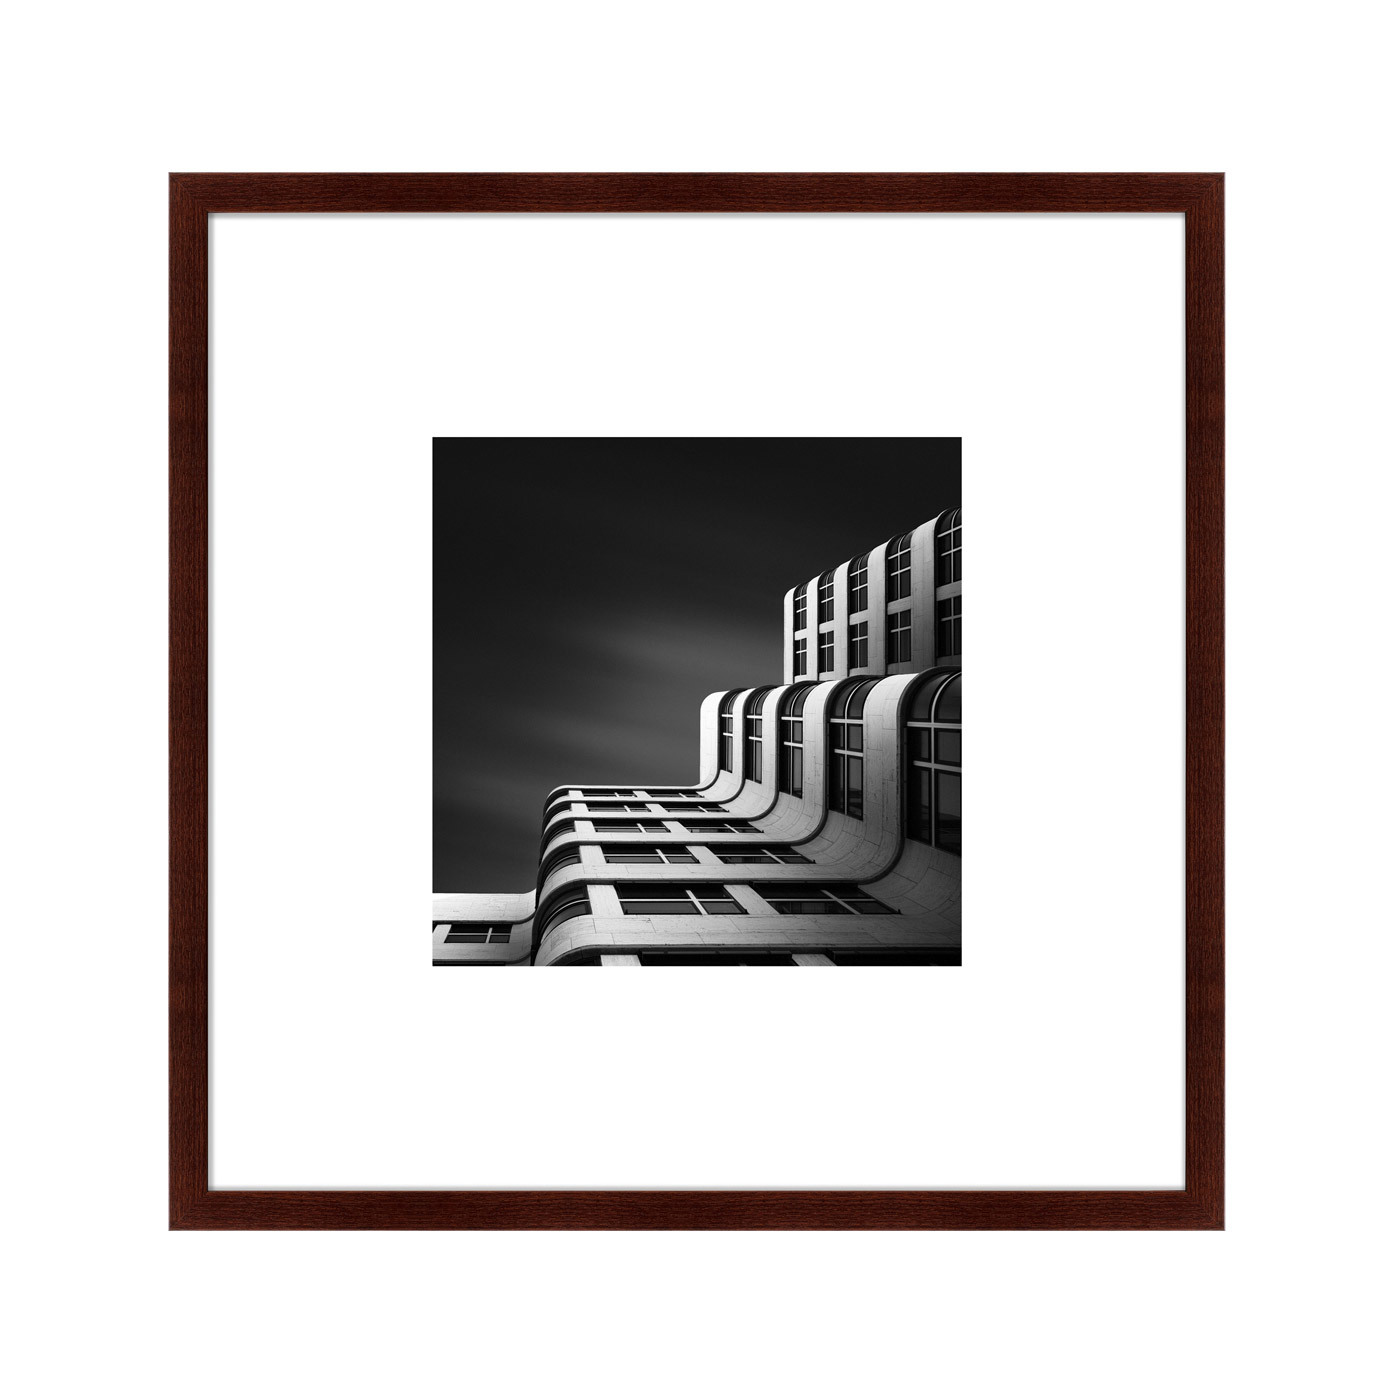 {} Картины в Квартиру Картина Гибкость Форм (79х79 см) картины в квартиру картина дерево на воде 102х130 см